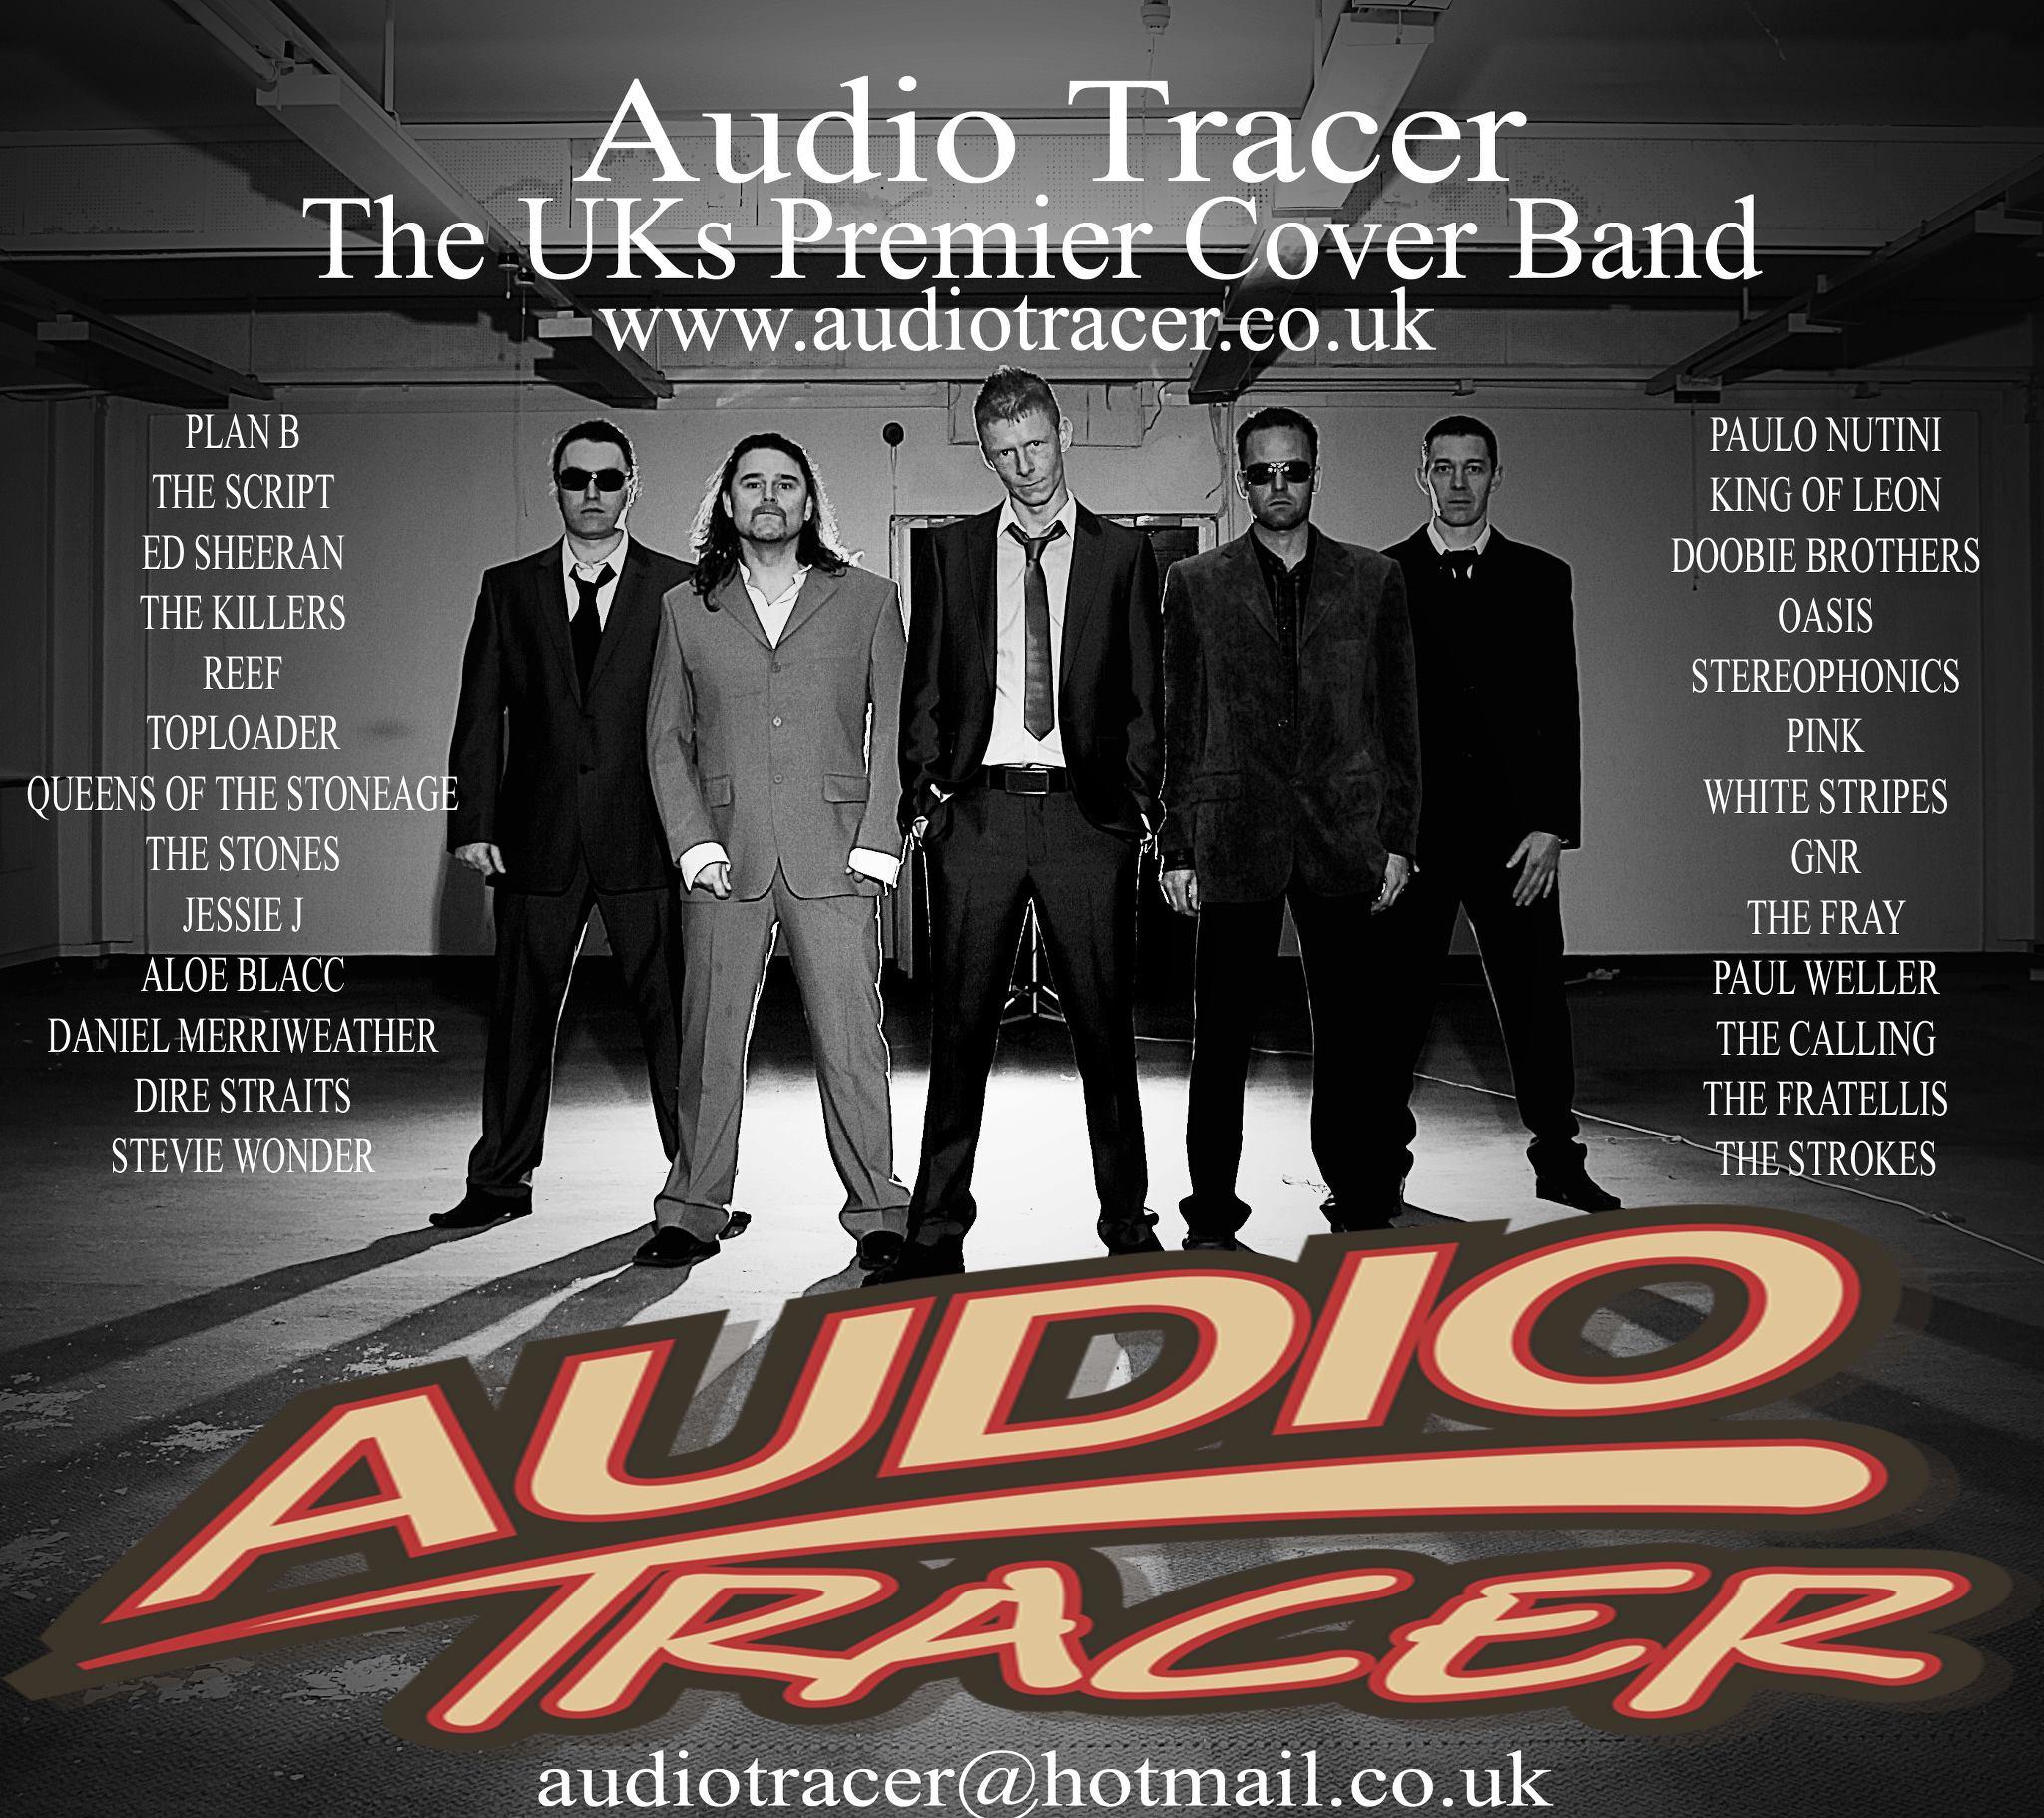 audiotracer